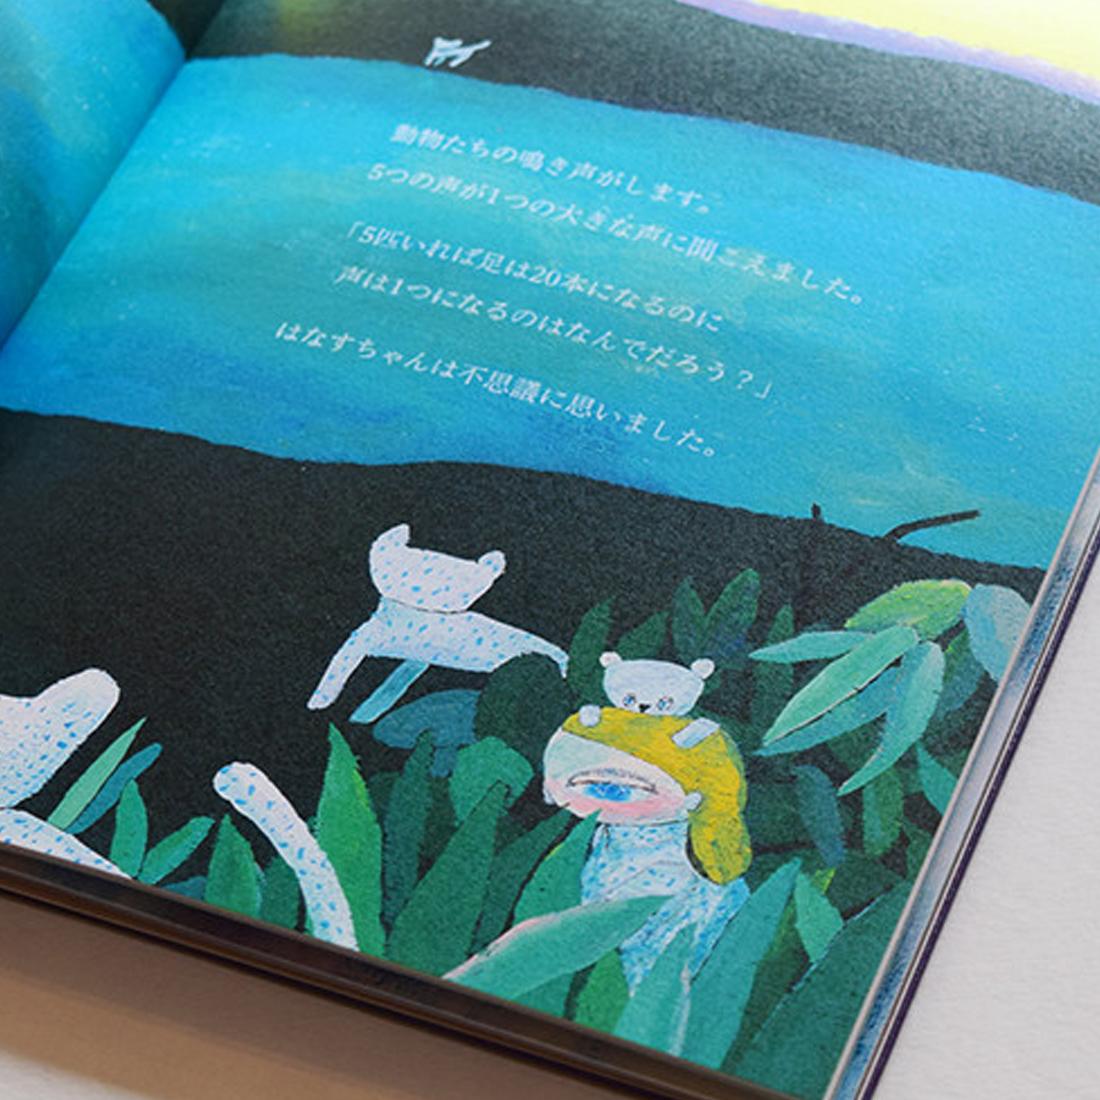 絵本「貝殻の底は積み木の影」